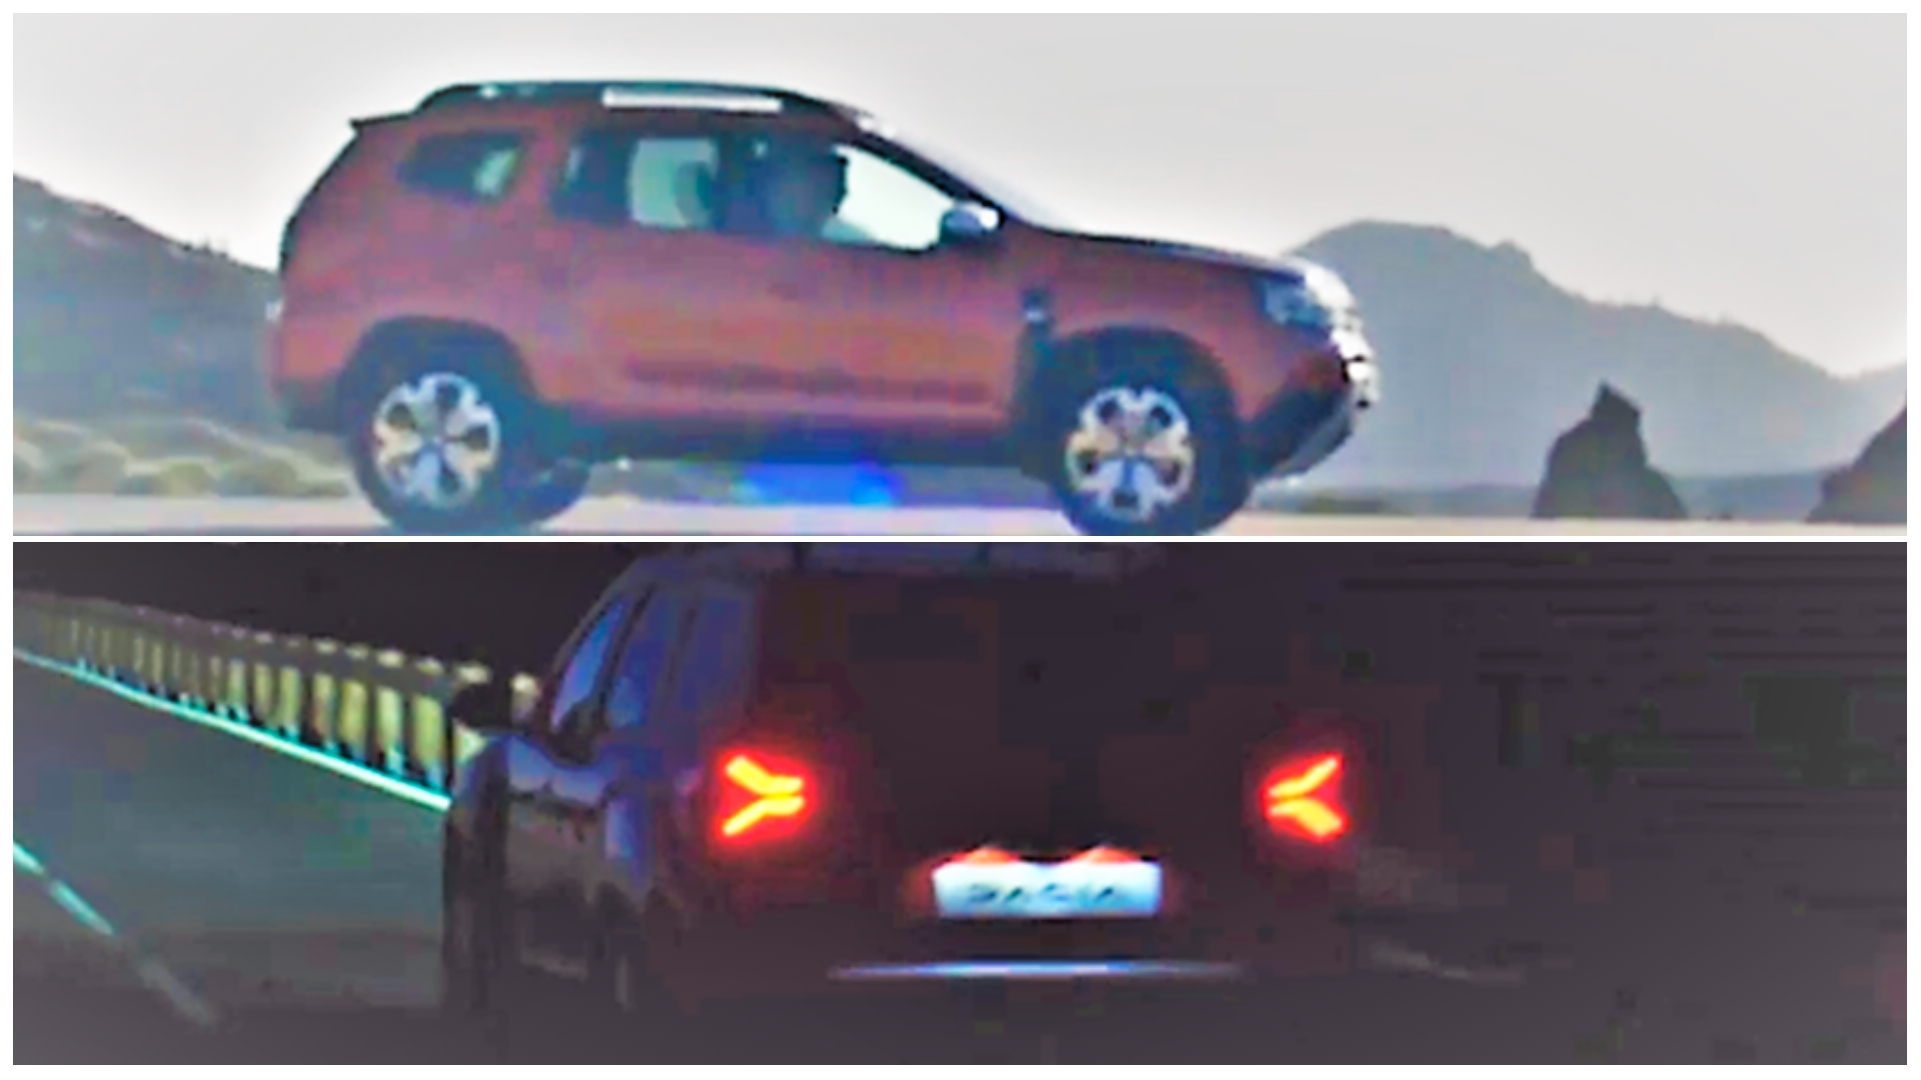 Nuevo Dacia Duster restyling 2022: ¡filtrado el SUV low cost actualizado!